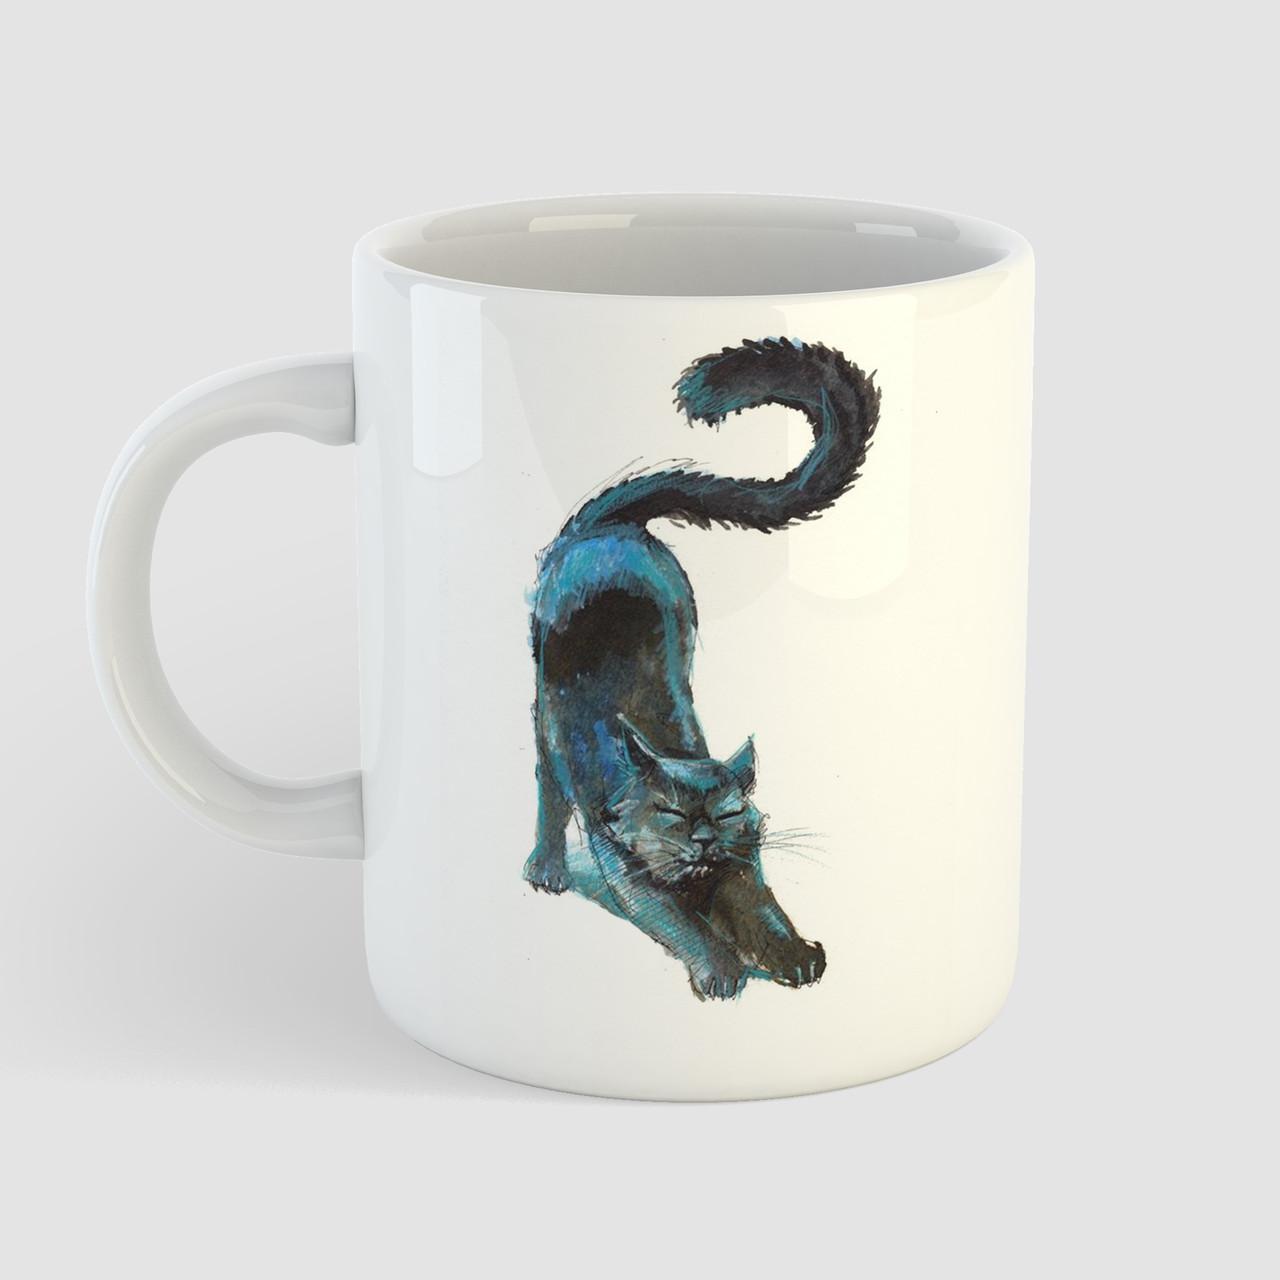 Кружка с принтом Кот арт. Cat art. Чашка с фото